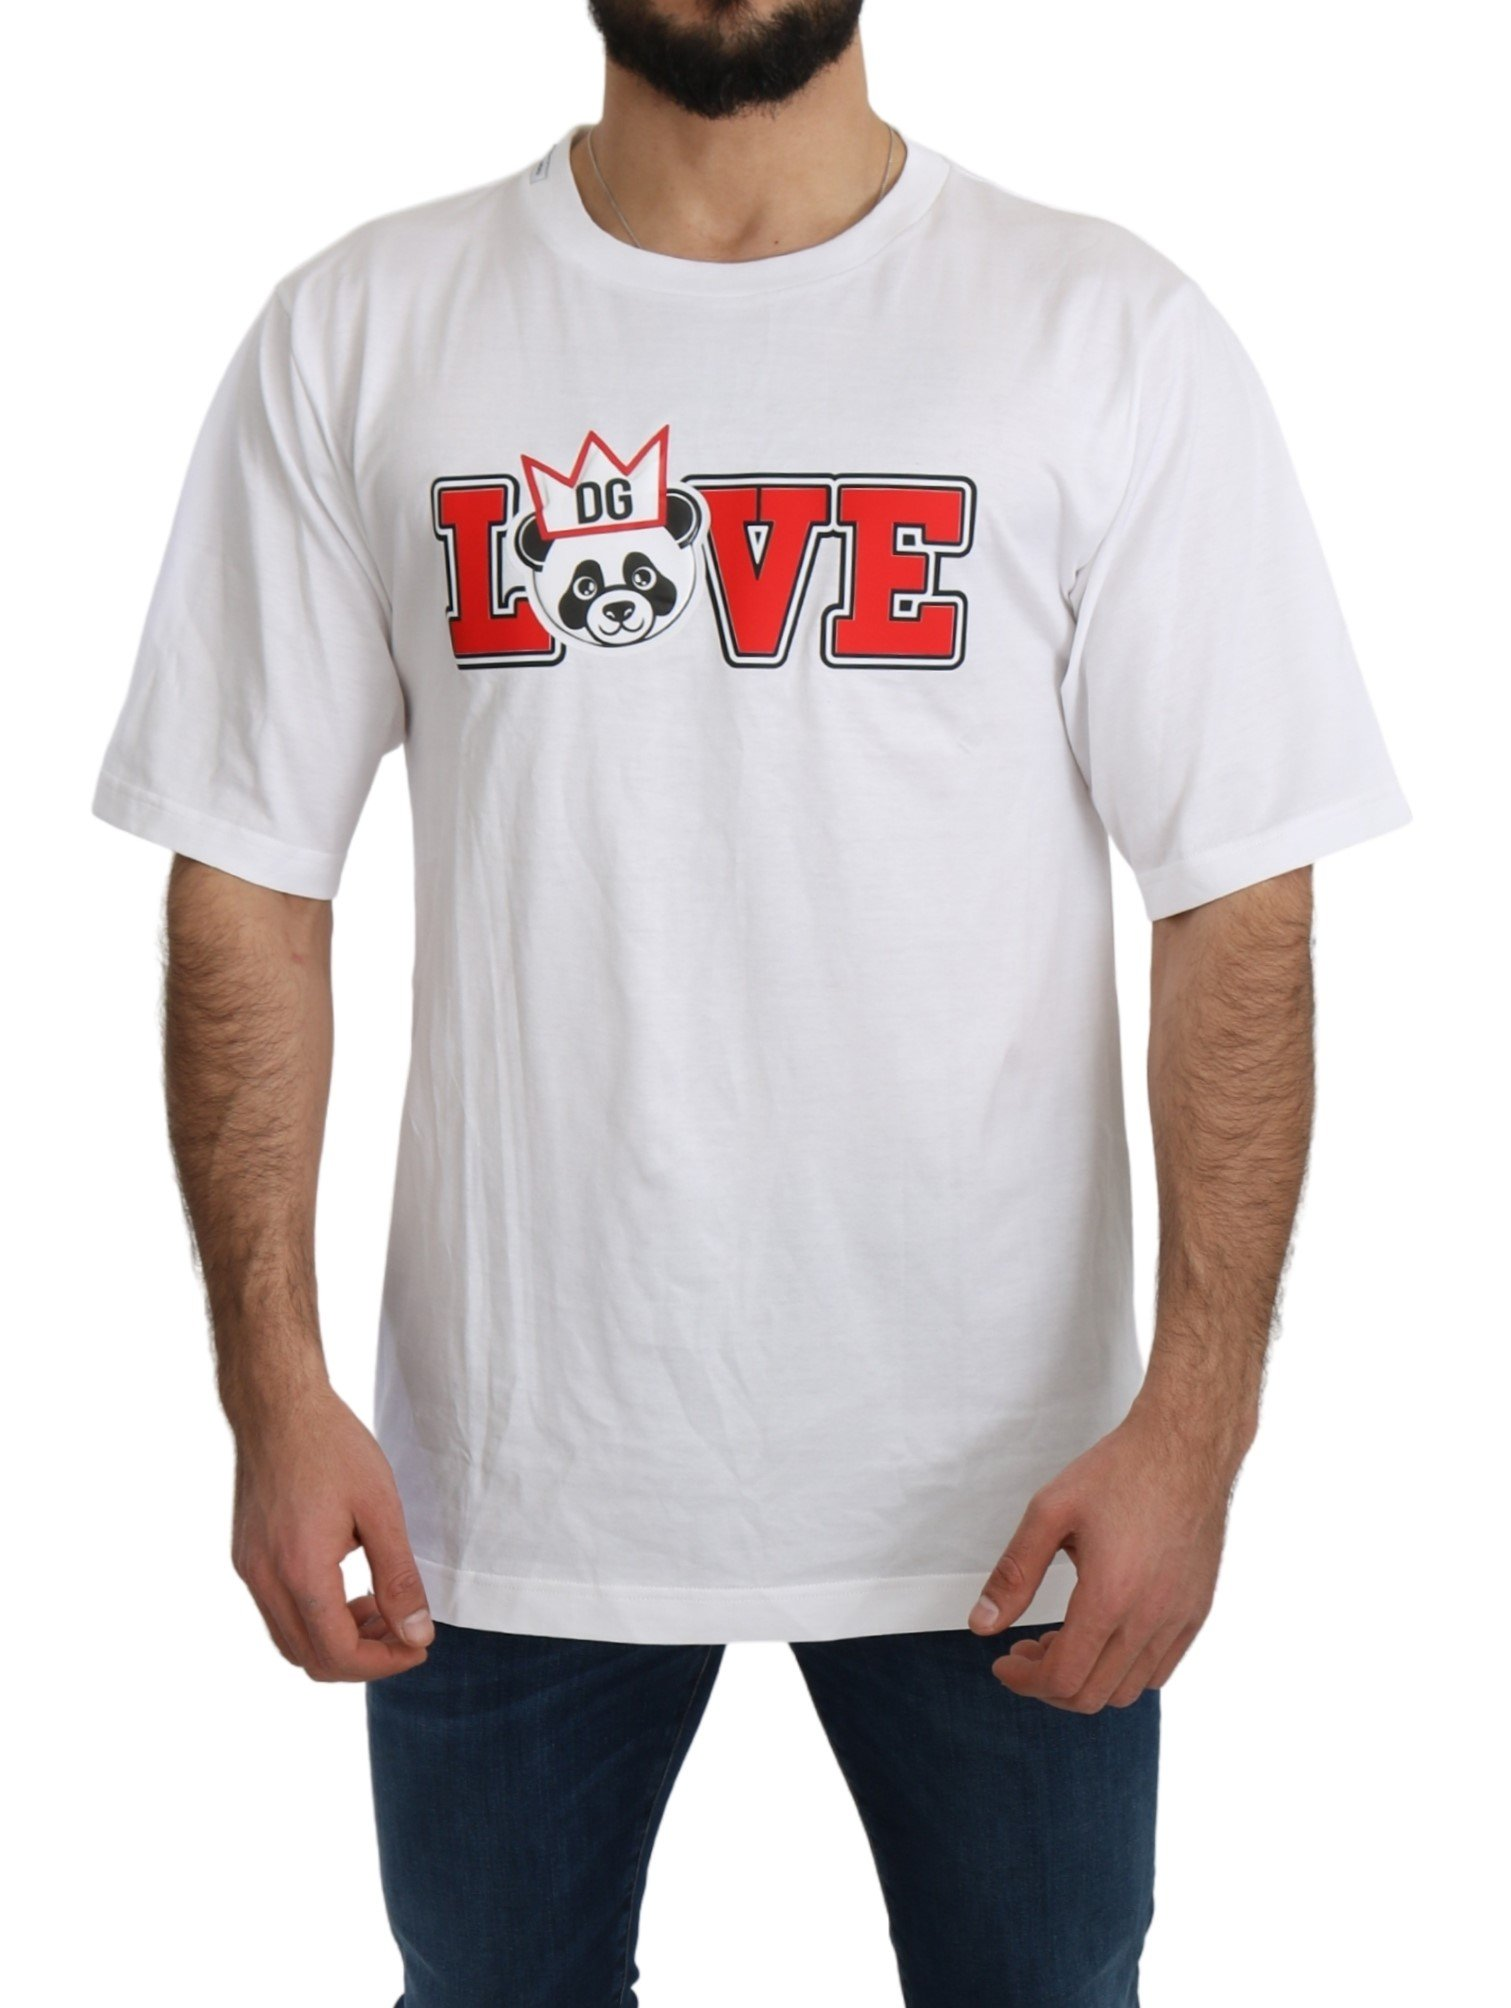 Dolce & Gabbana Men's Love Panda Print T-Shirt White TSH4955 - IT44 | XS